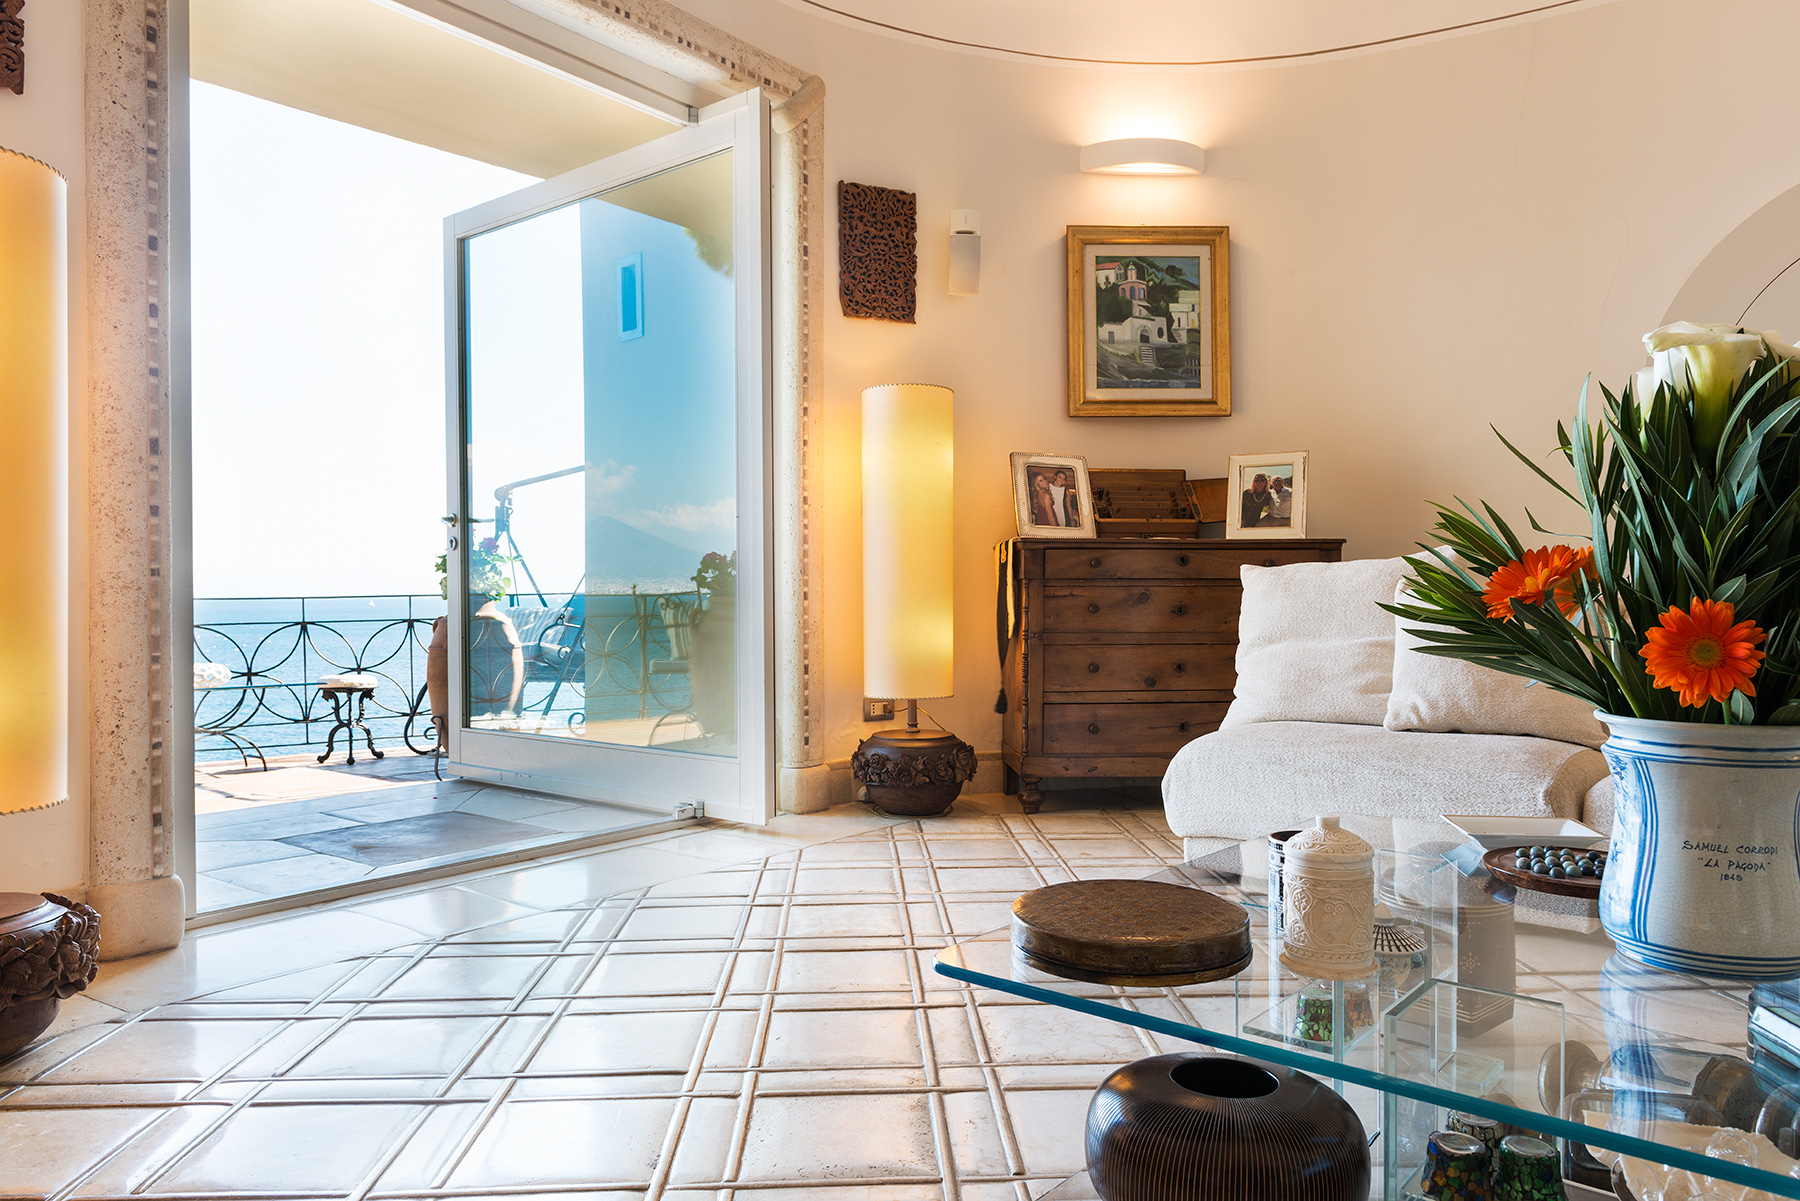 Villa in Vendita a Napoli: 5 locali, 220 mq - Foto 9